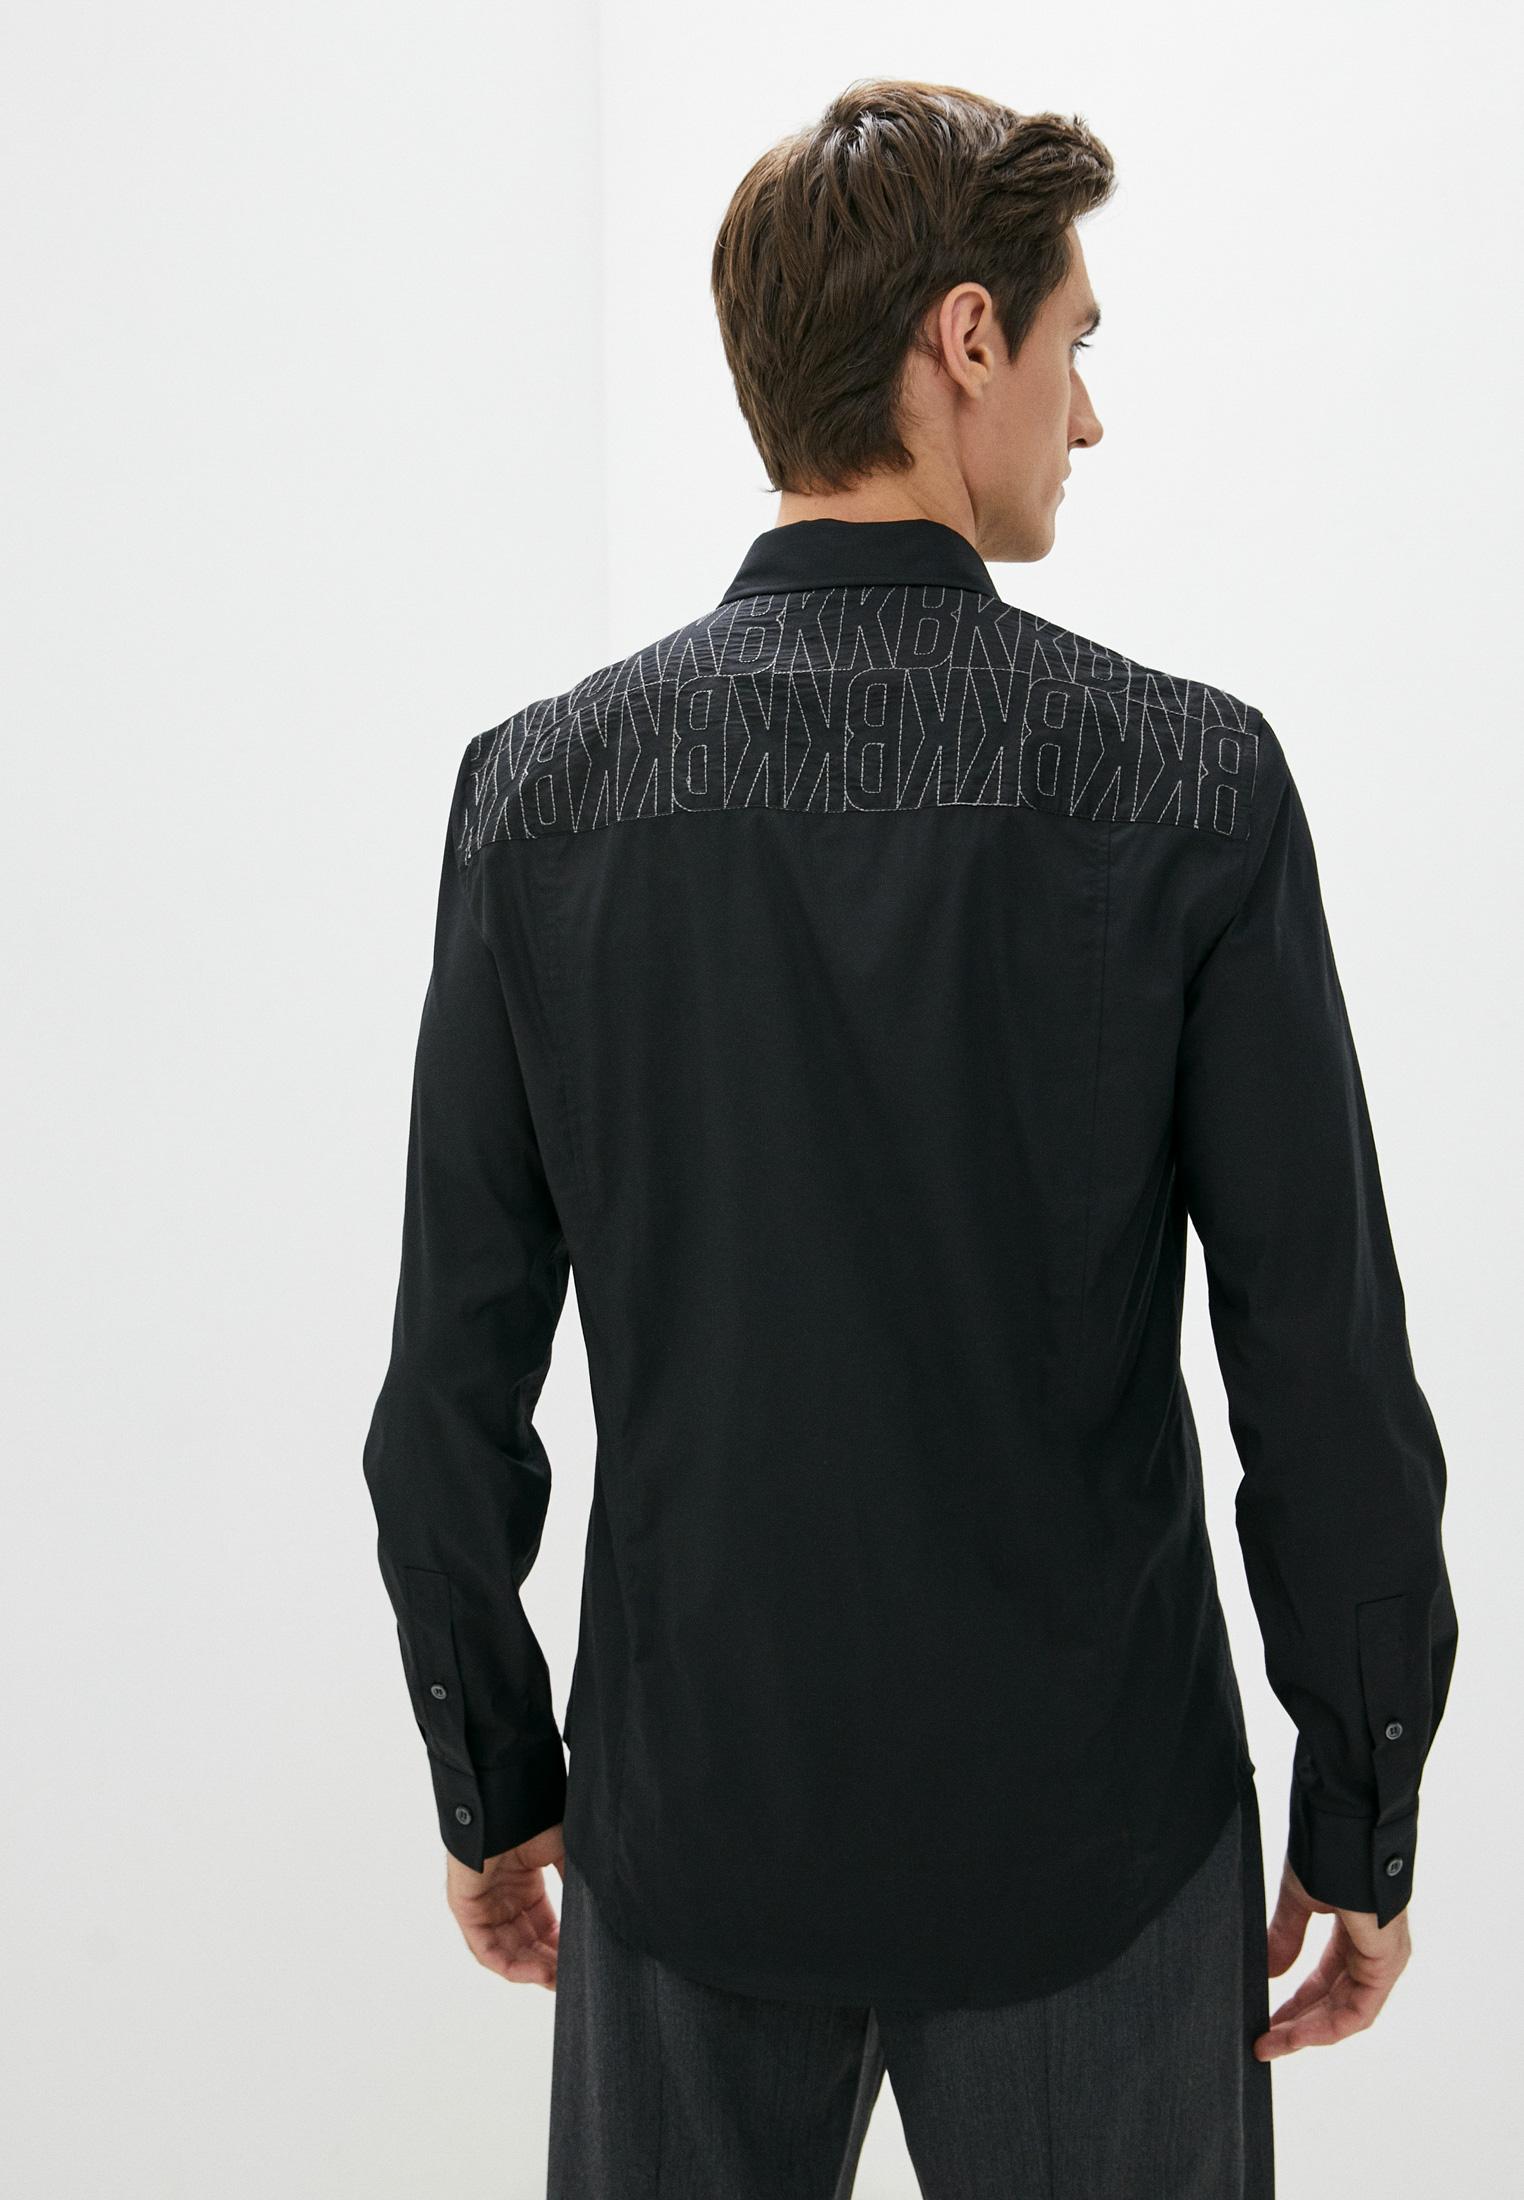 Рубашка с длинным рукавом Bikkembergs (Биккембергс) C C 009 7V S 2931: изображение 4